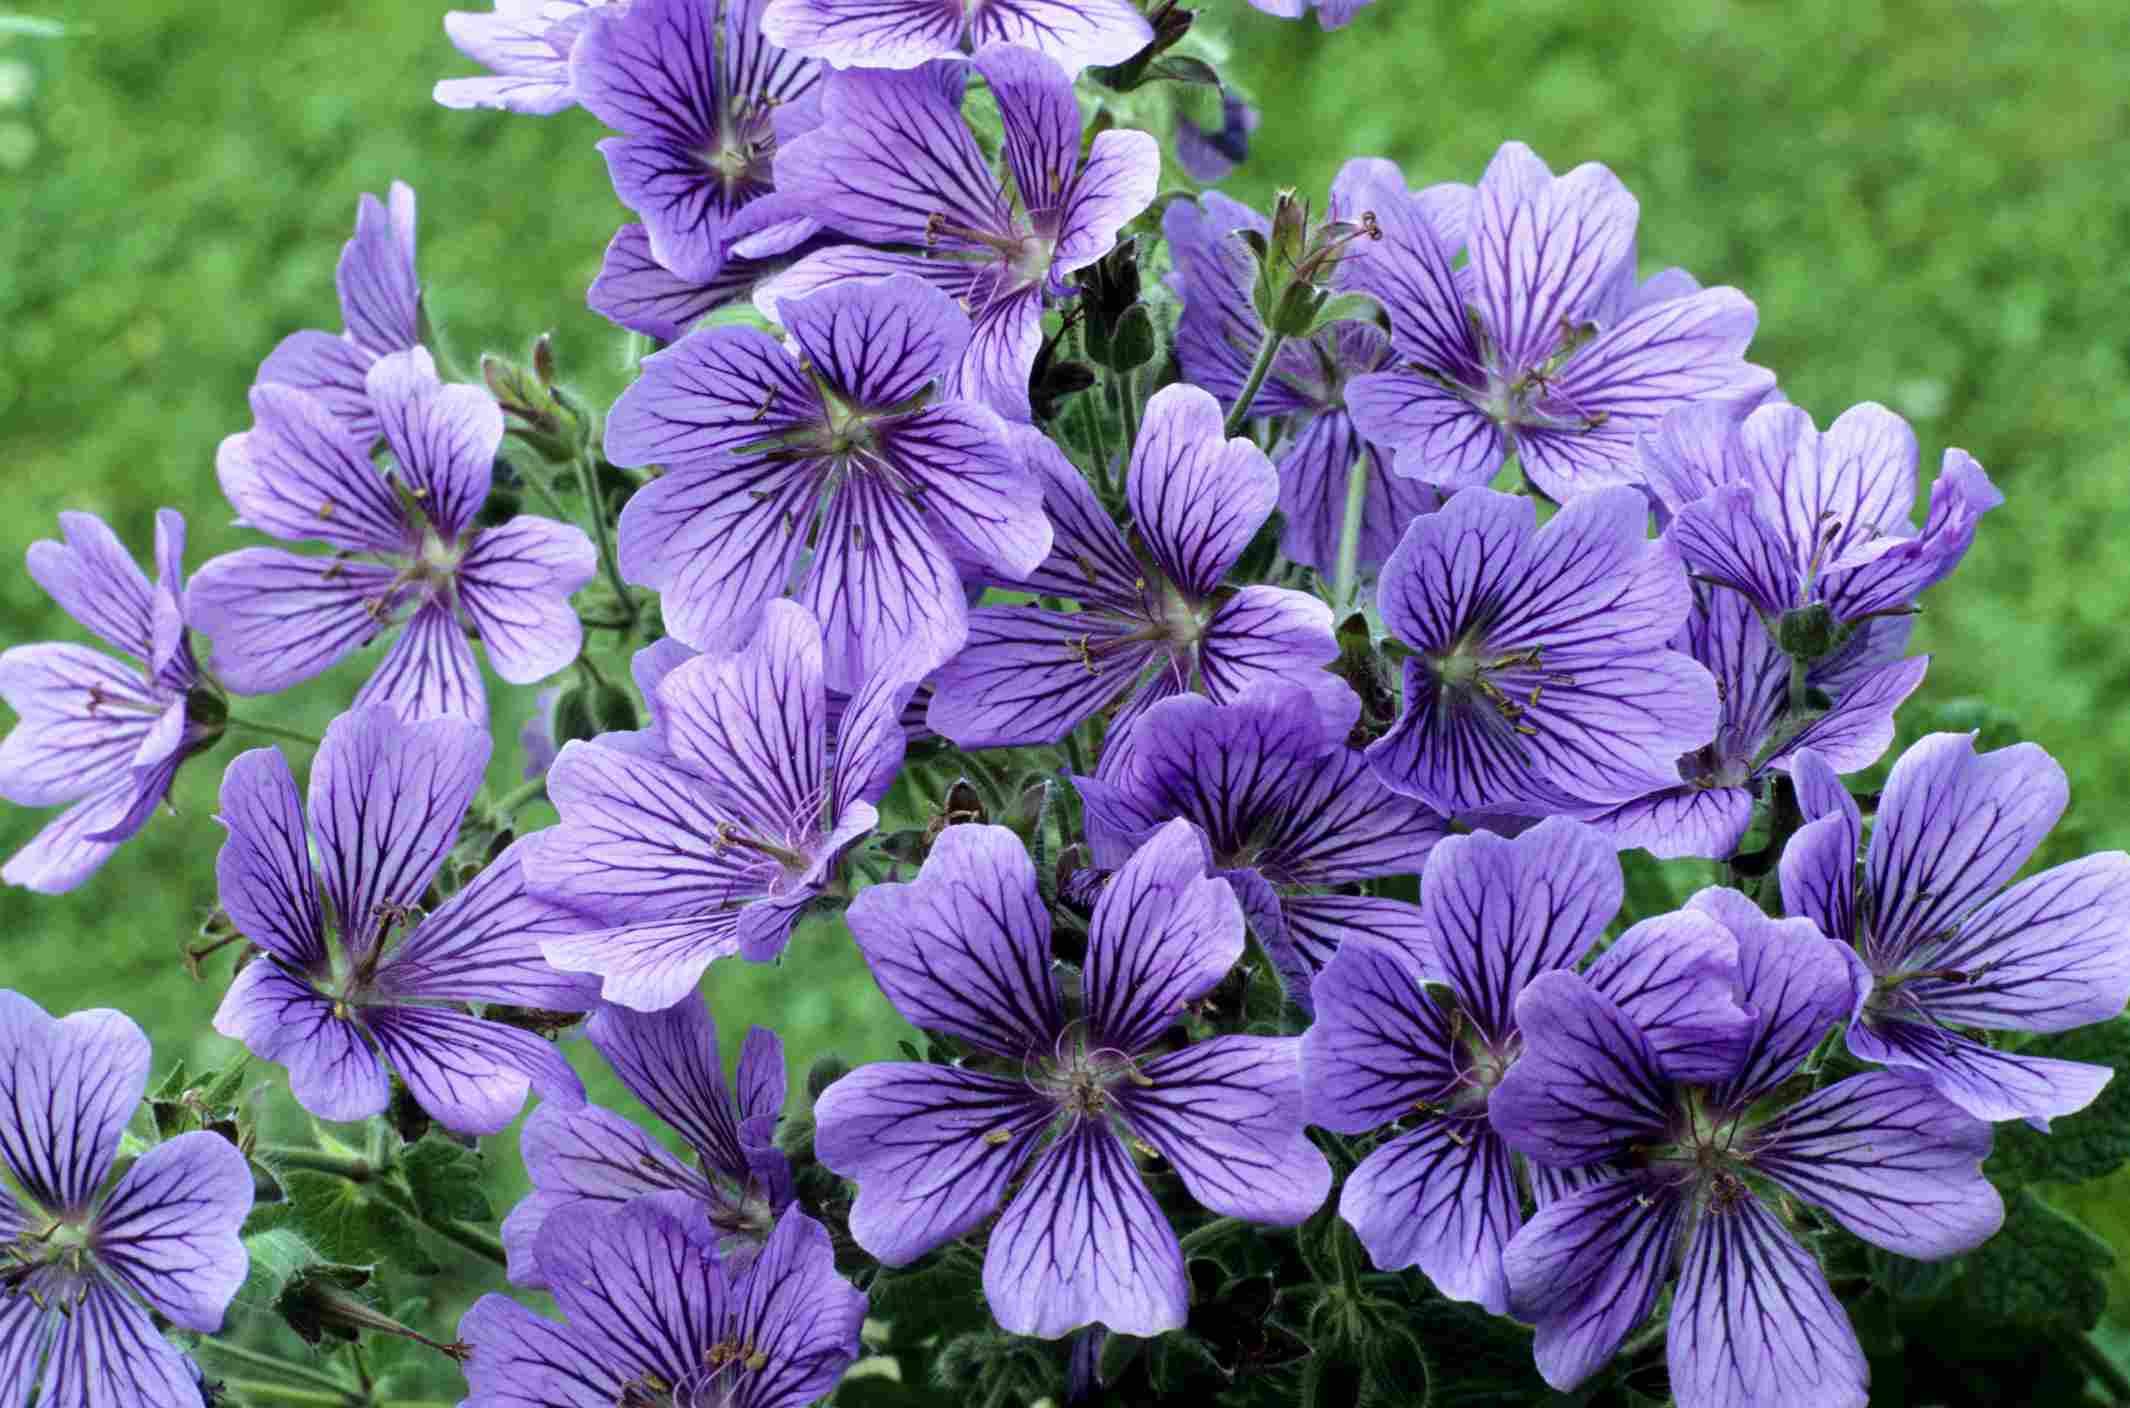 'Stephanie' geraniums with purple flowers